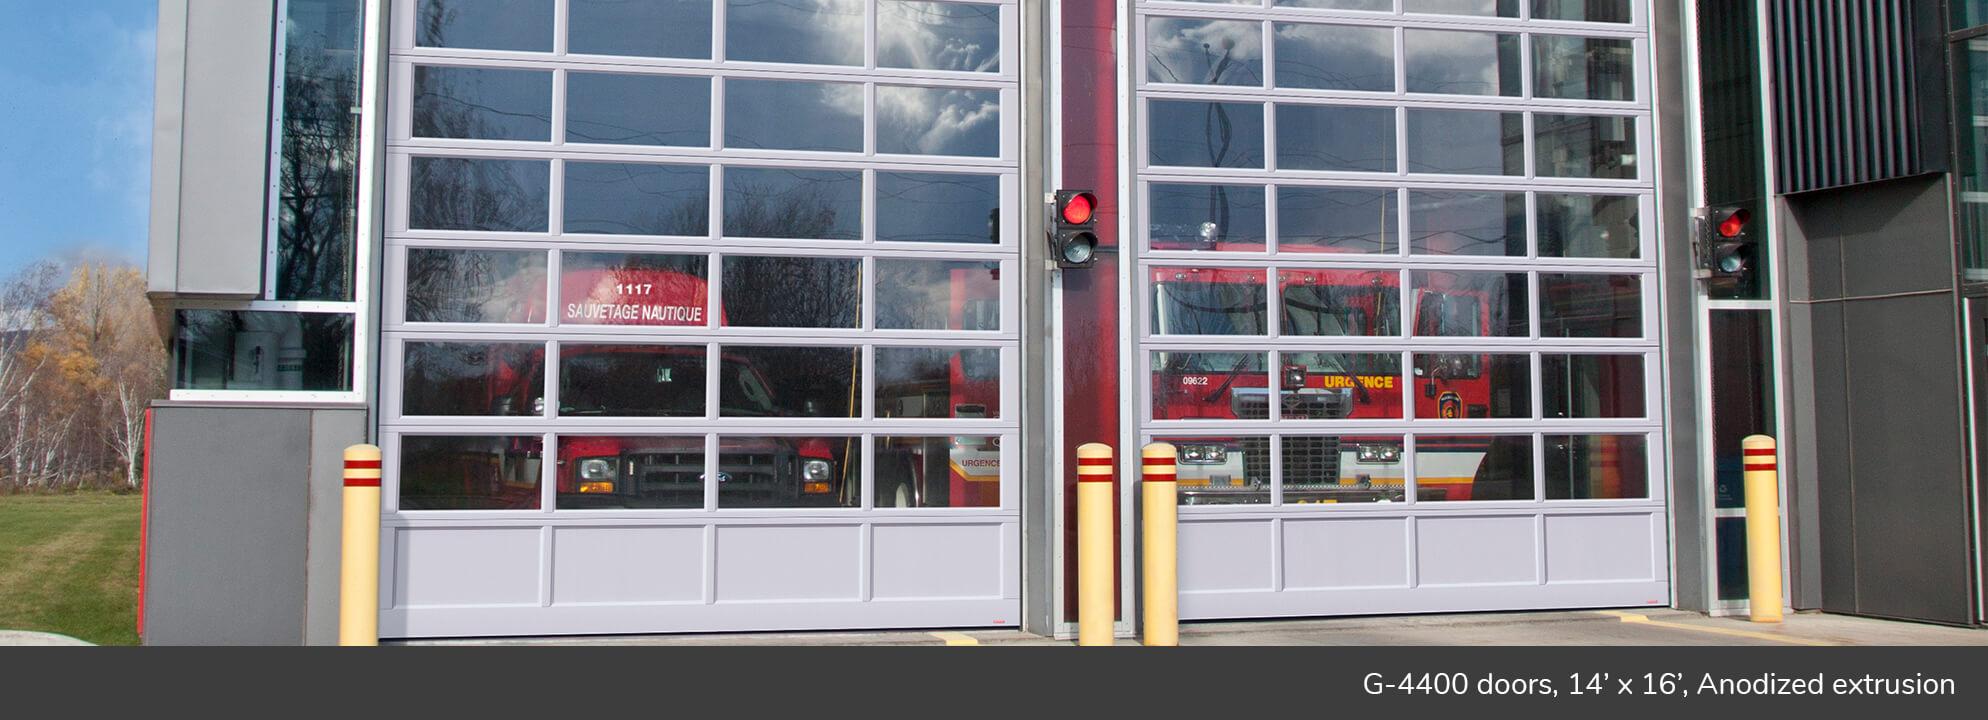 G 4400 Commercial Garage Door Manufacturer Garaga